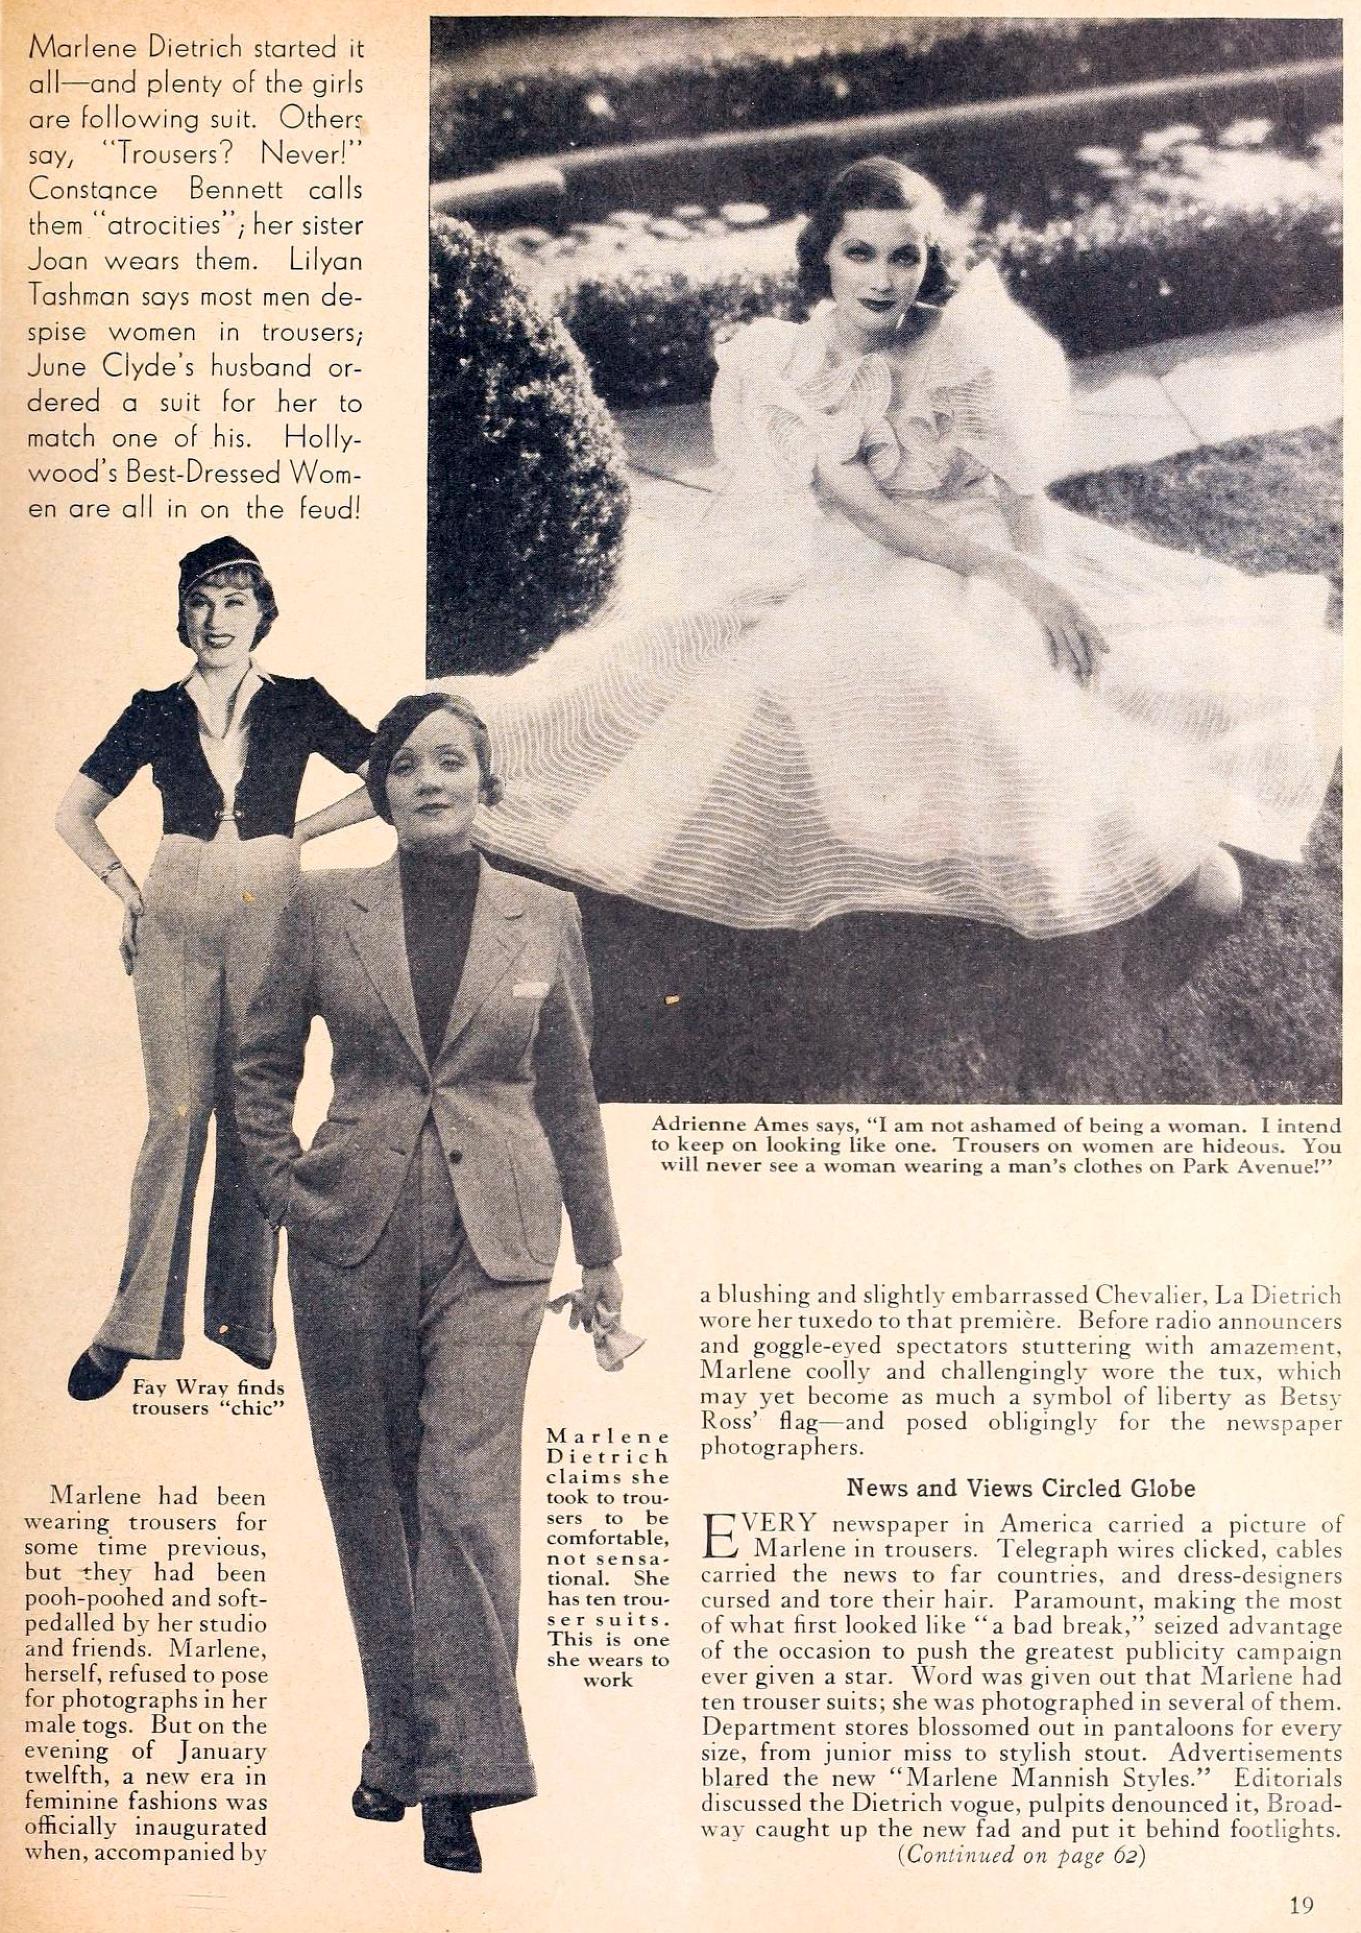 carole lombard movie classic may 1933fa